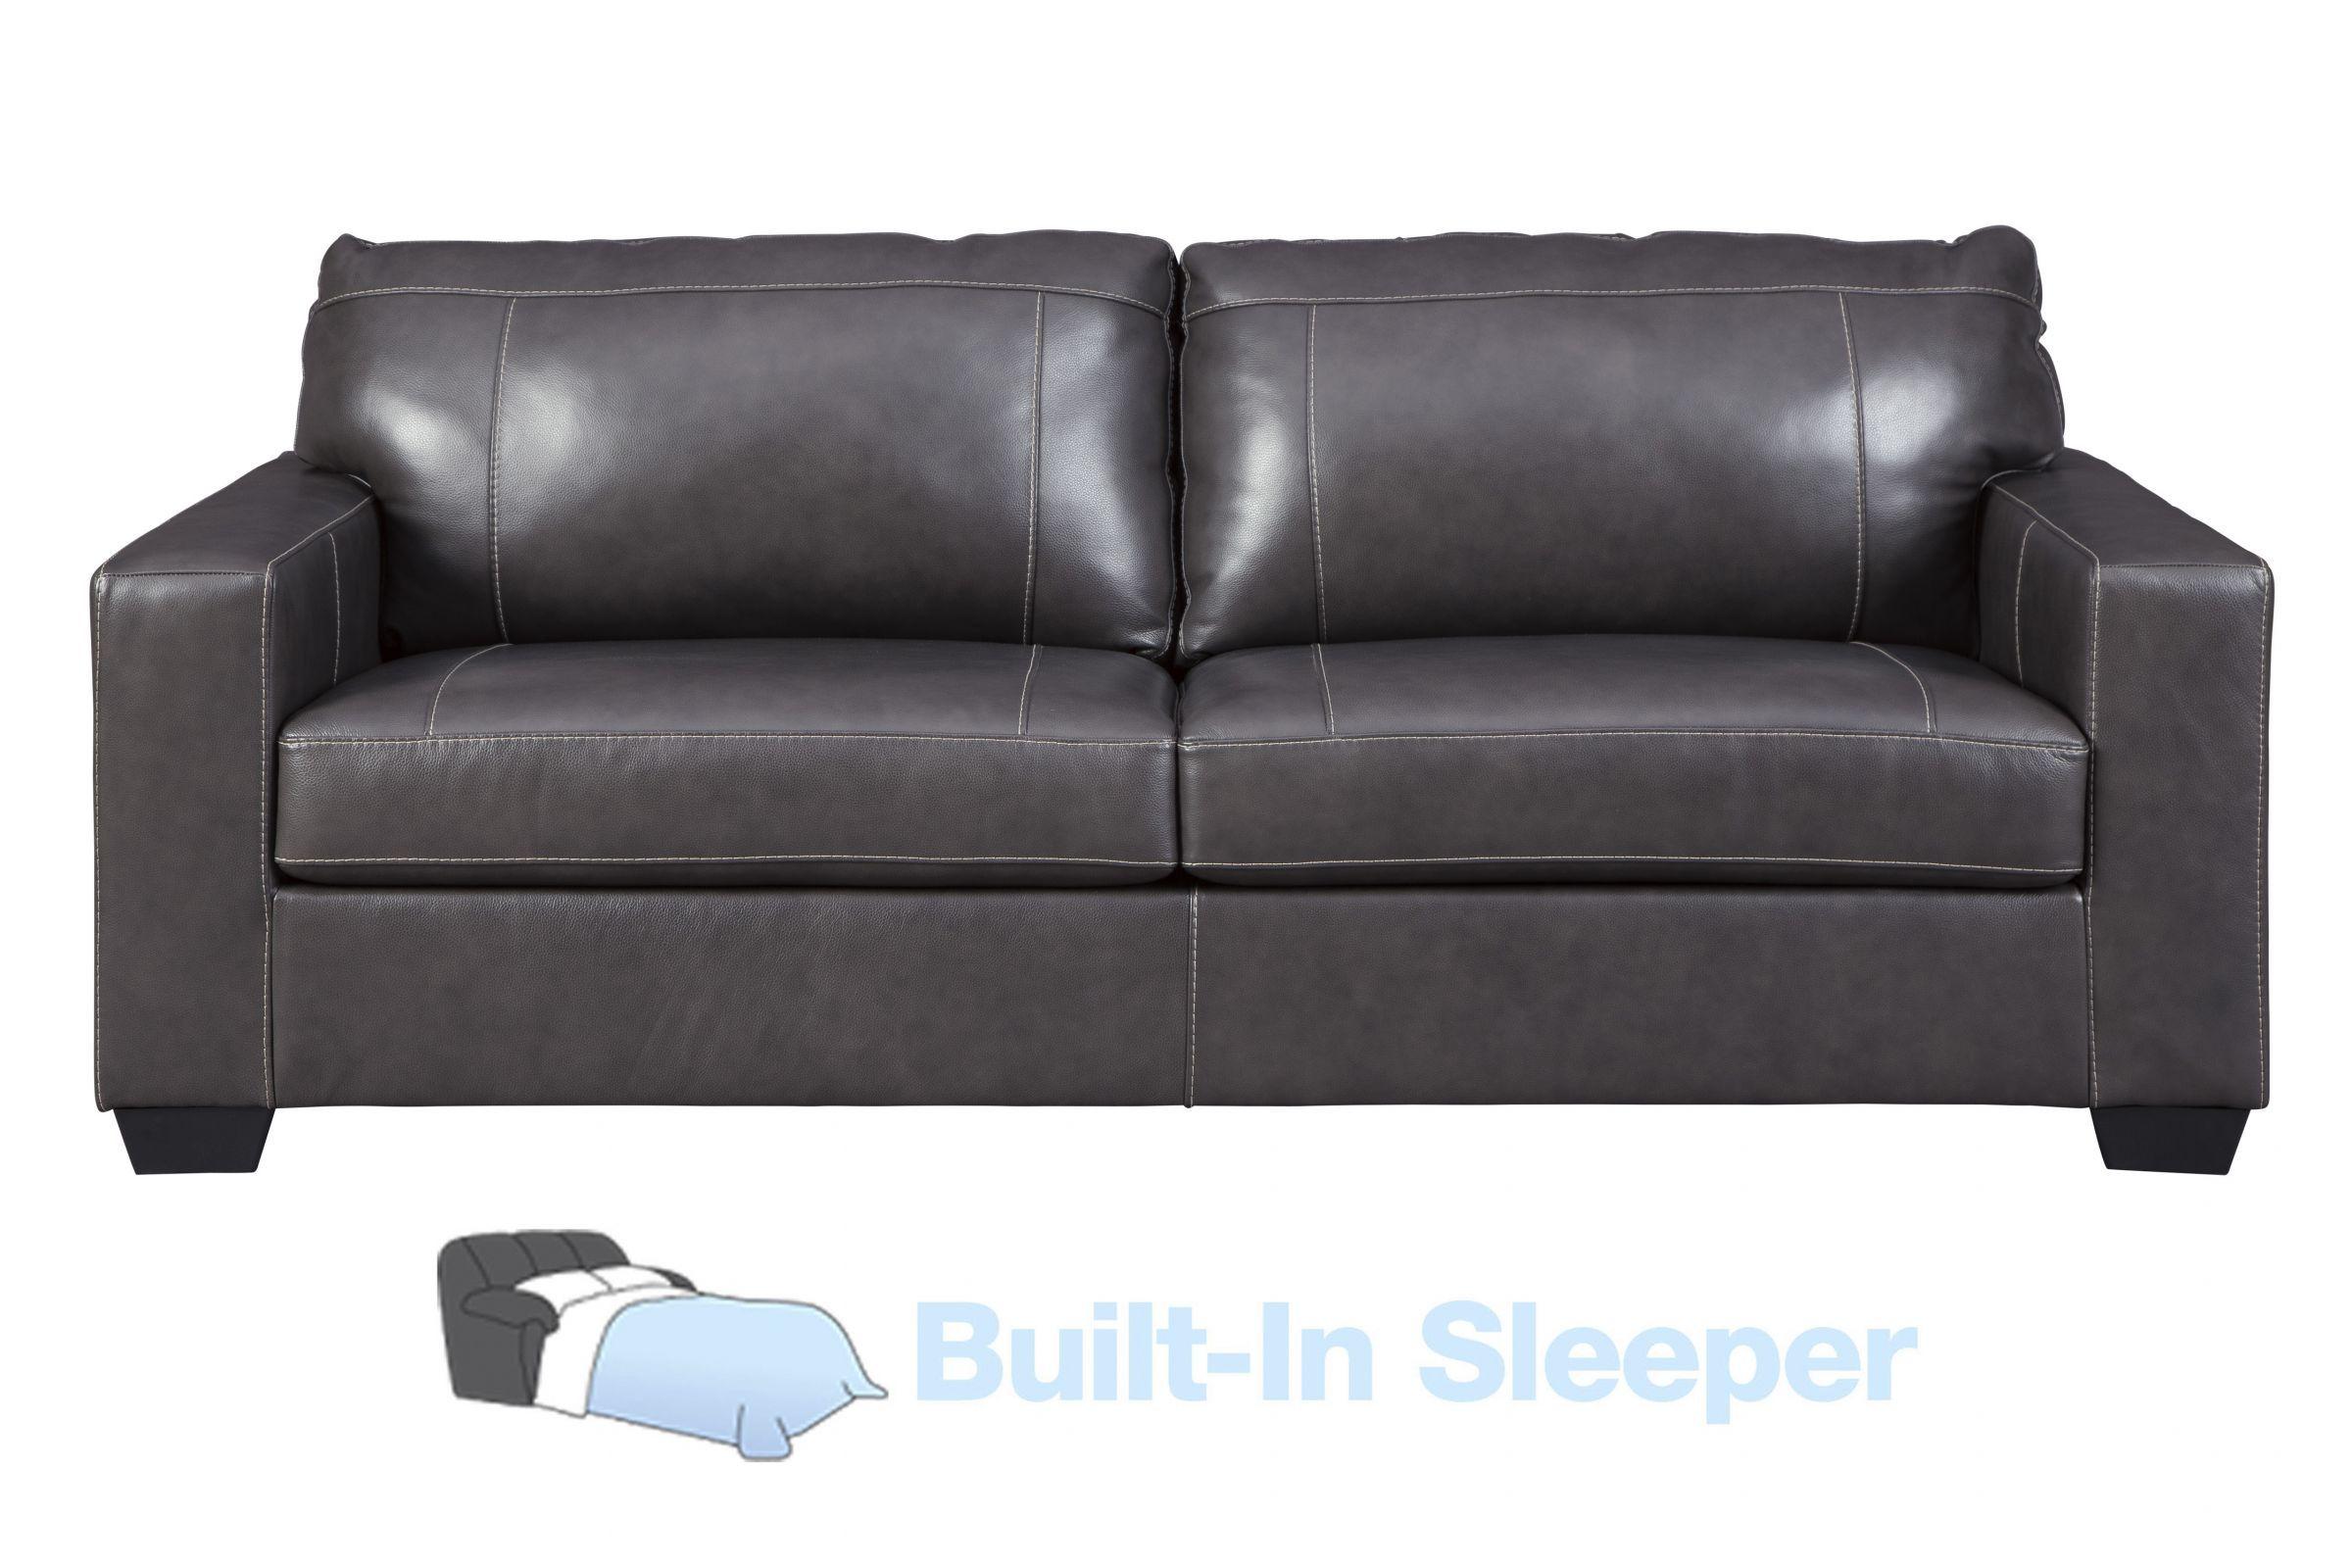 Clyde Leather Queen Sofa Sleeper In 2020 Queen Sofa Sleeper Sleeper Sofa Queen Memory Foam Mattress